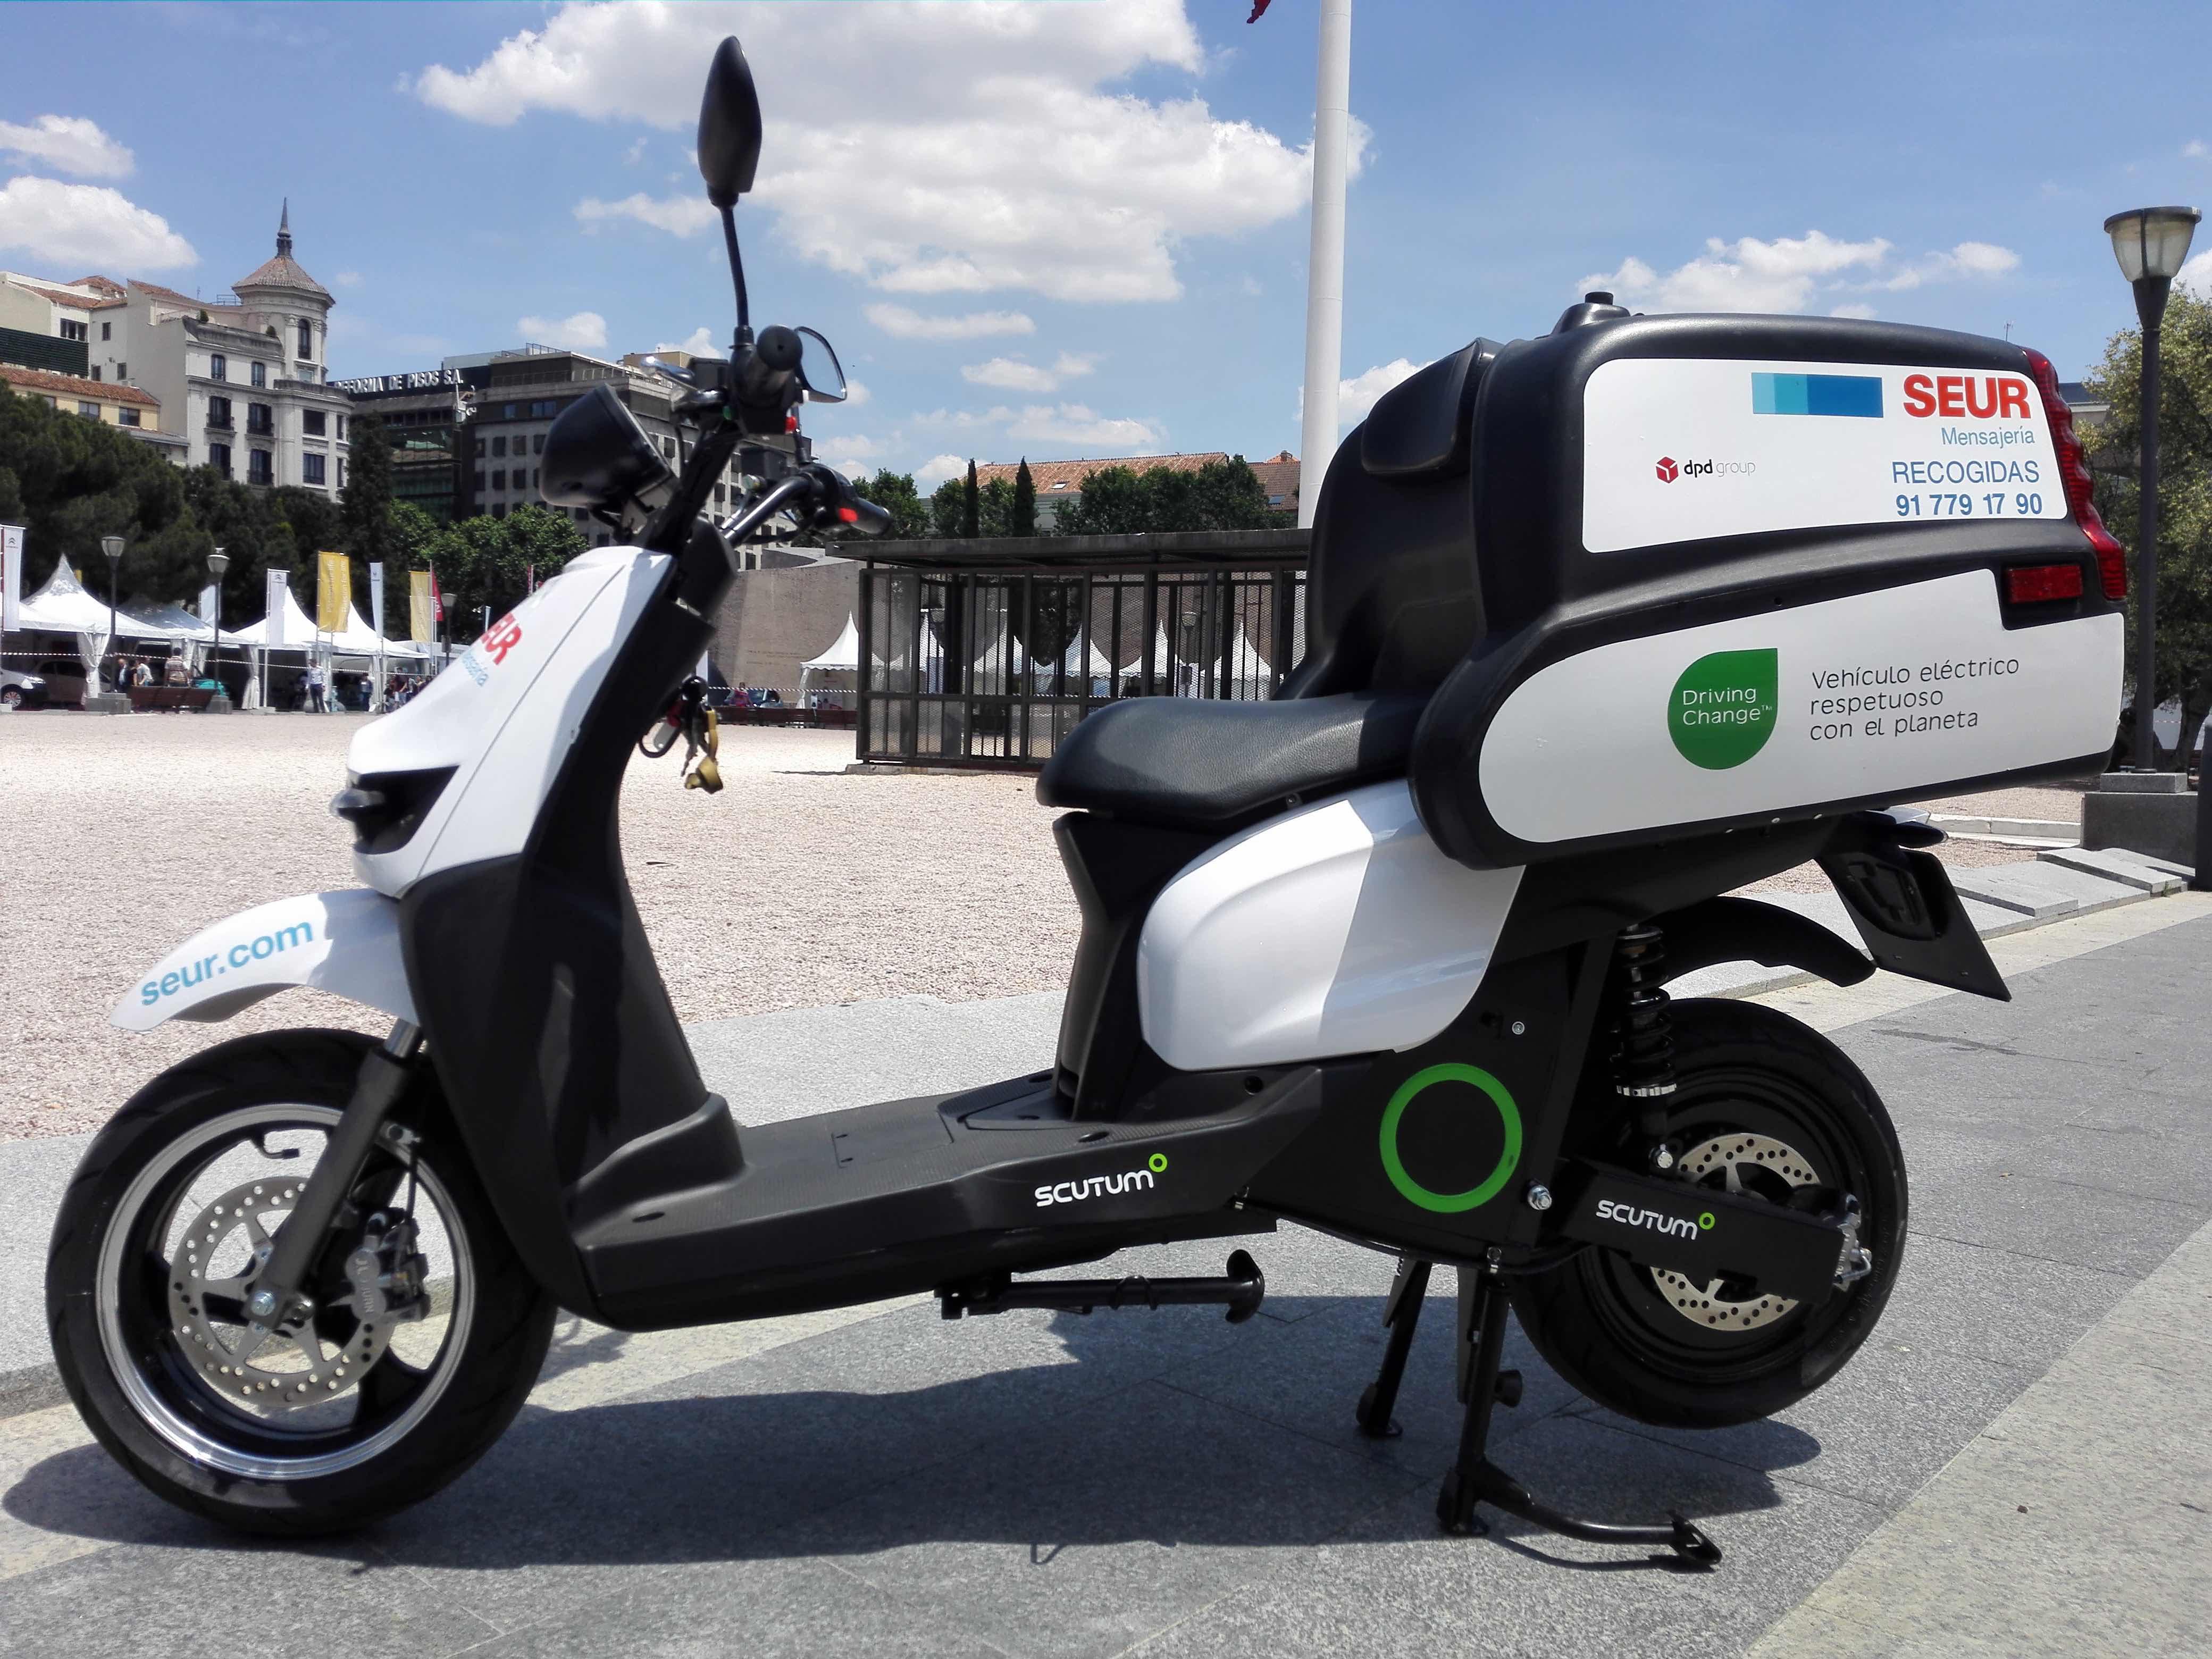 SEUR apuesta por la movilidad sostenible de la mano de Transportes Autónomos por Carretera y Scutum